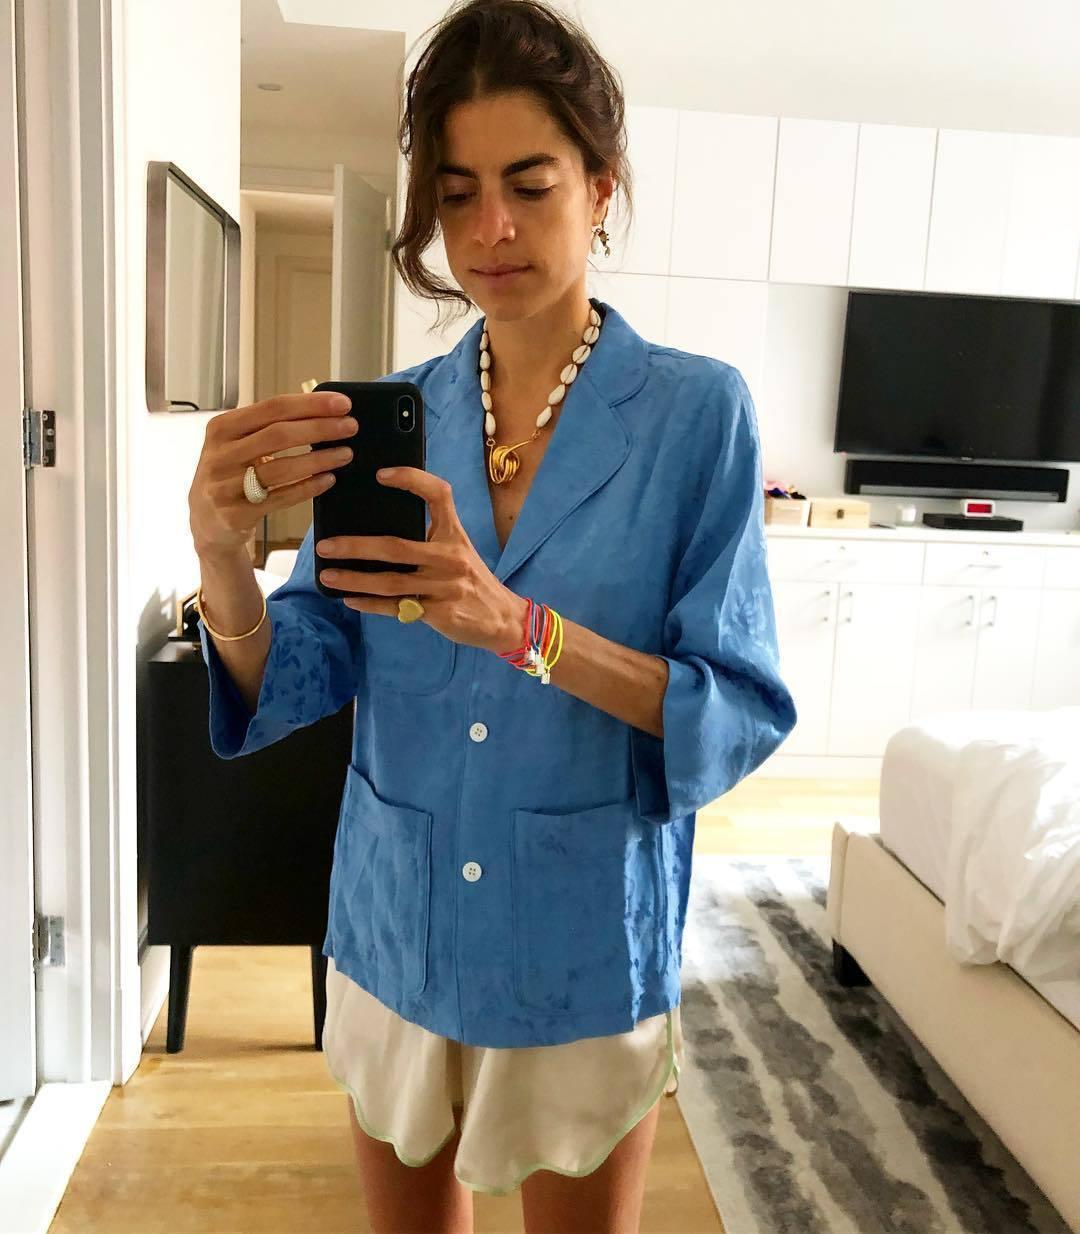 Se lleva oversize (sólo hay que ver la camisa XL que lleva Leandra...